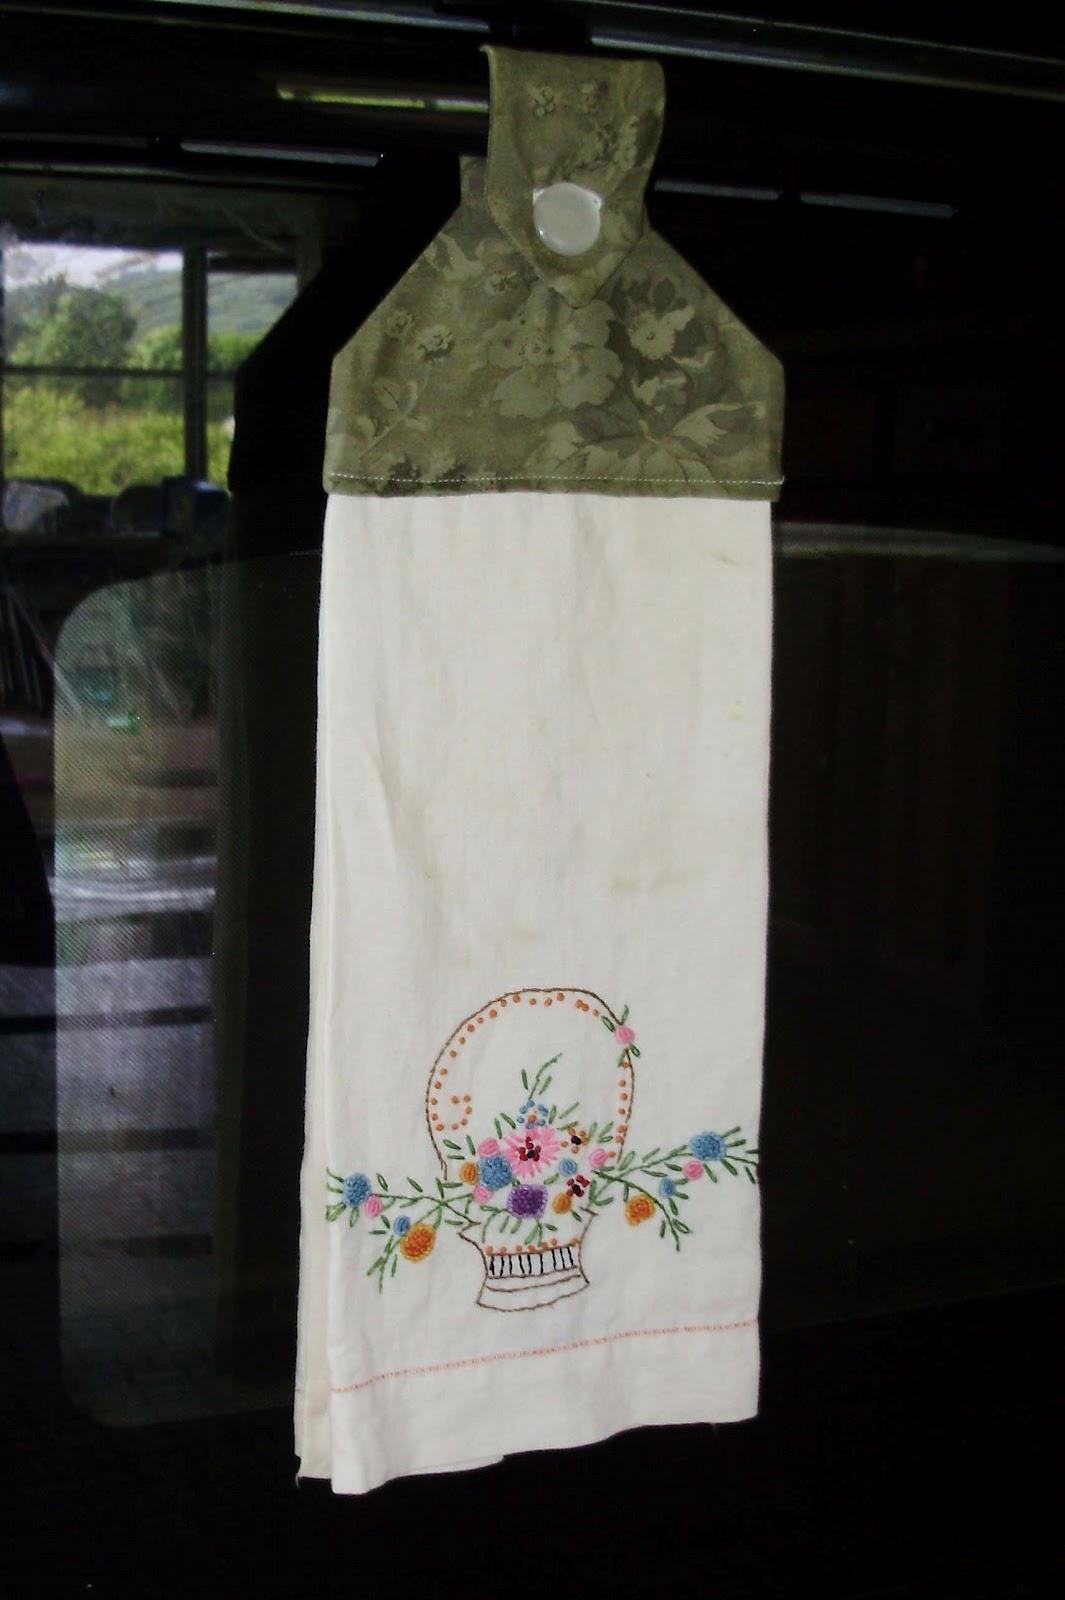 http://4.bp.blogspot.com/-0X1xJo7ceJg/T-RbssU4lsI/AAAAAAAADgM/nSNg0G0EDOg/s1600/towel.jpg